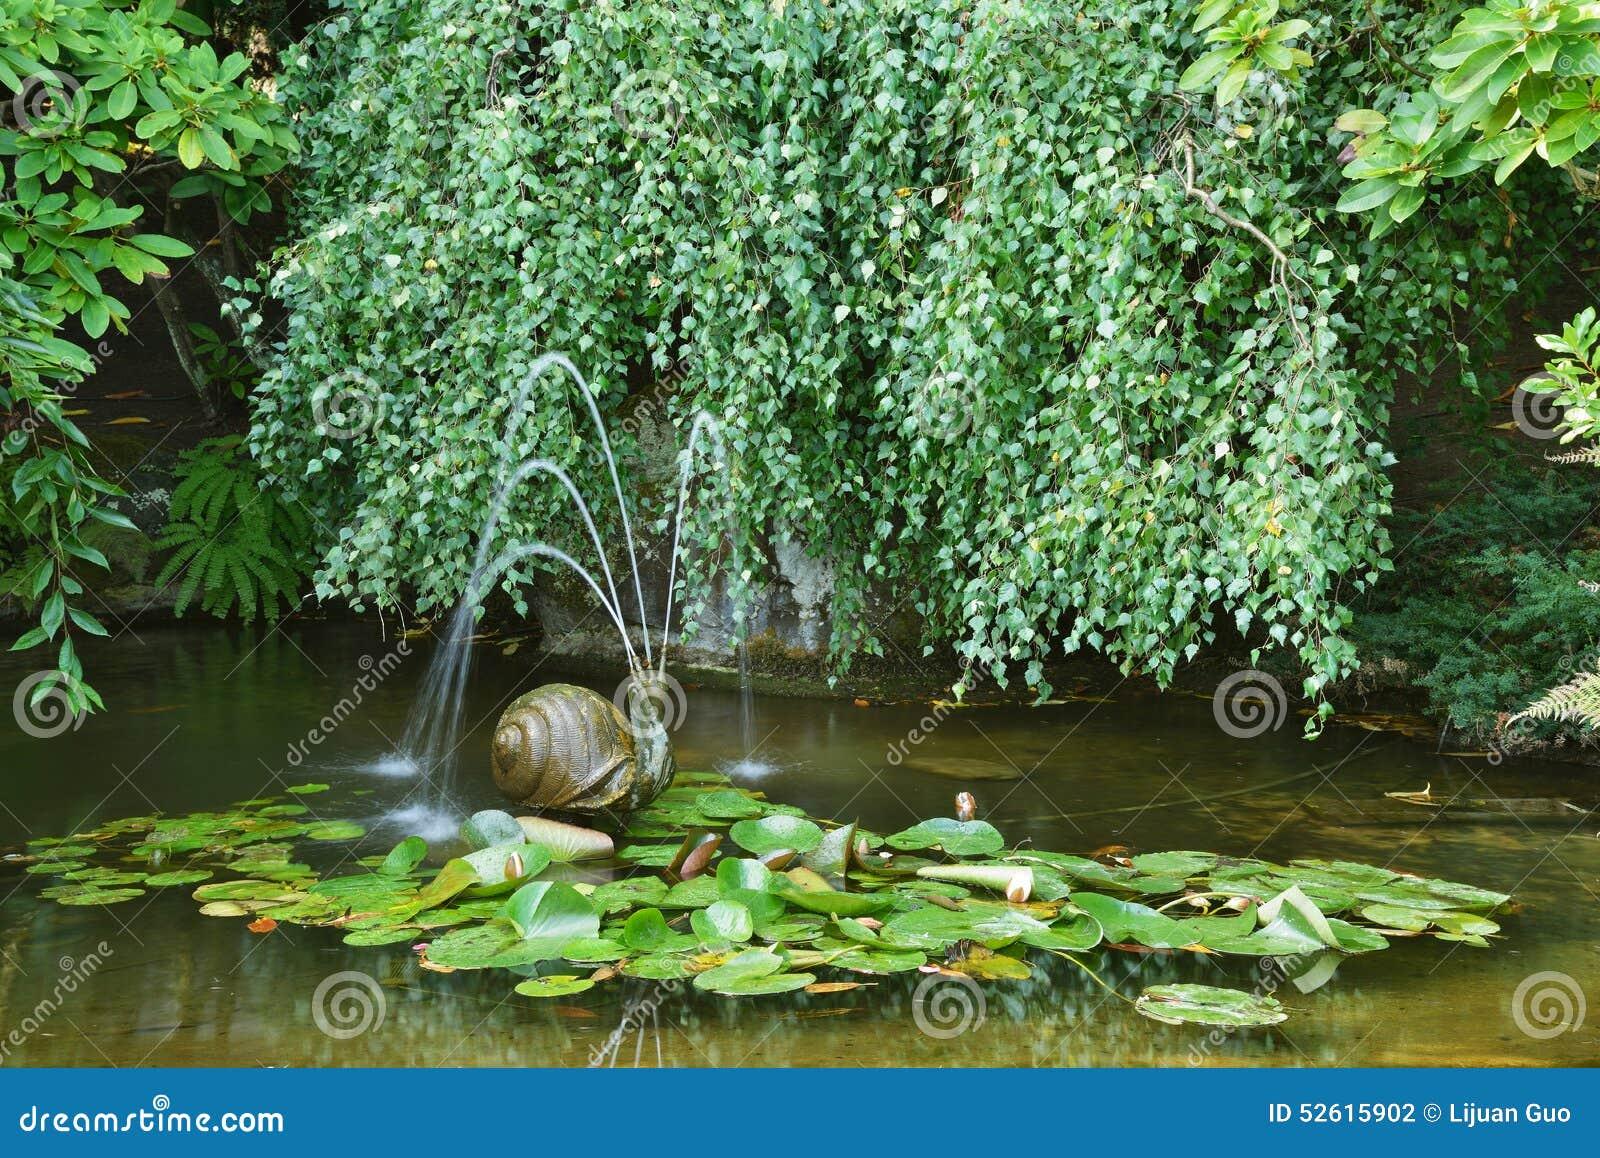 tang de jardin avec une fontaine d 39 escargot photo stock. Black Bedroom Furniture Sets. Home Design Ideas